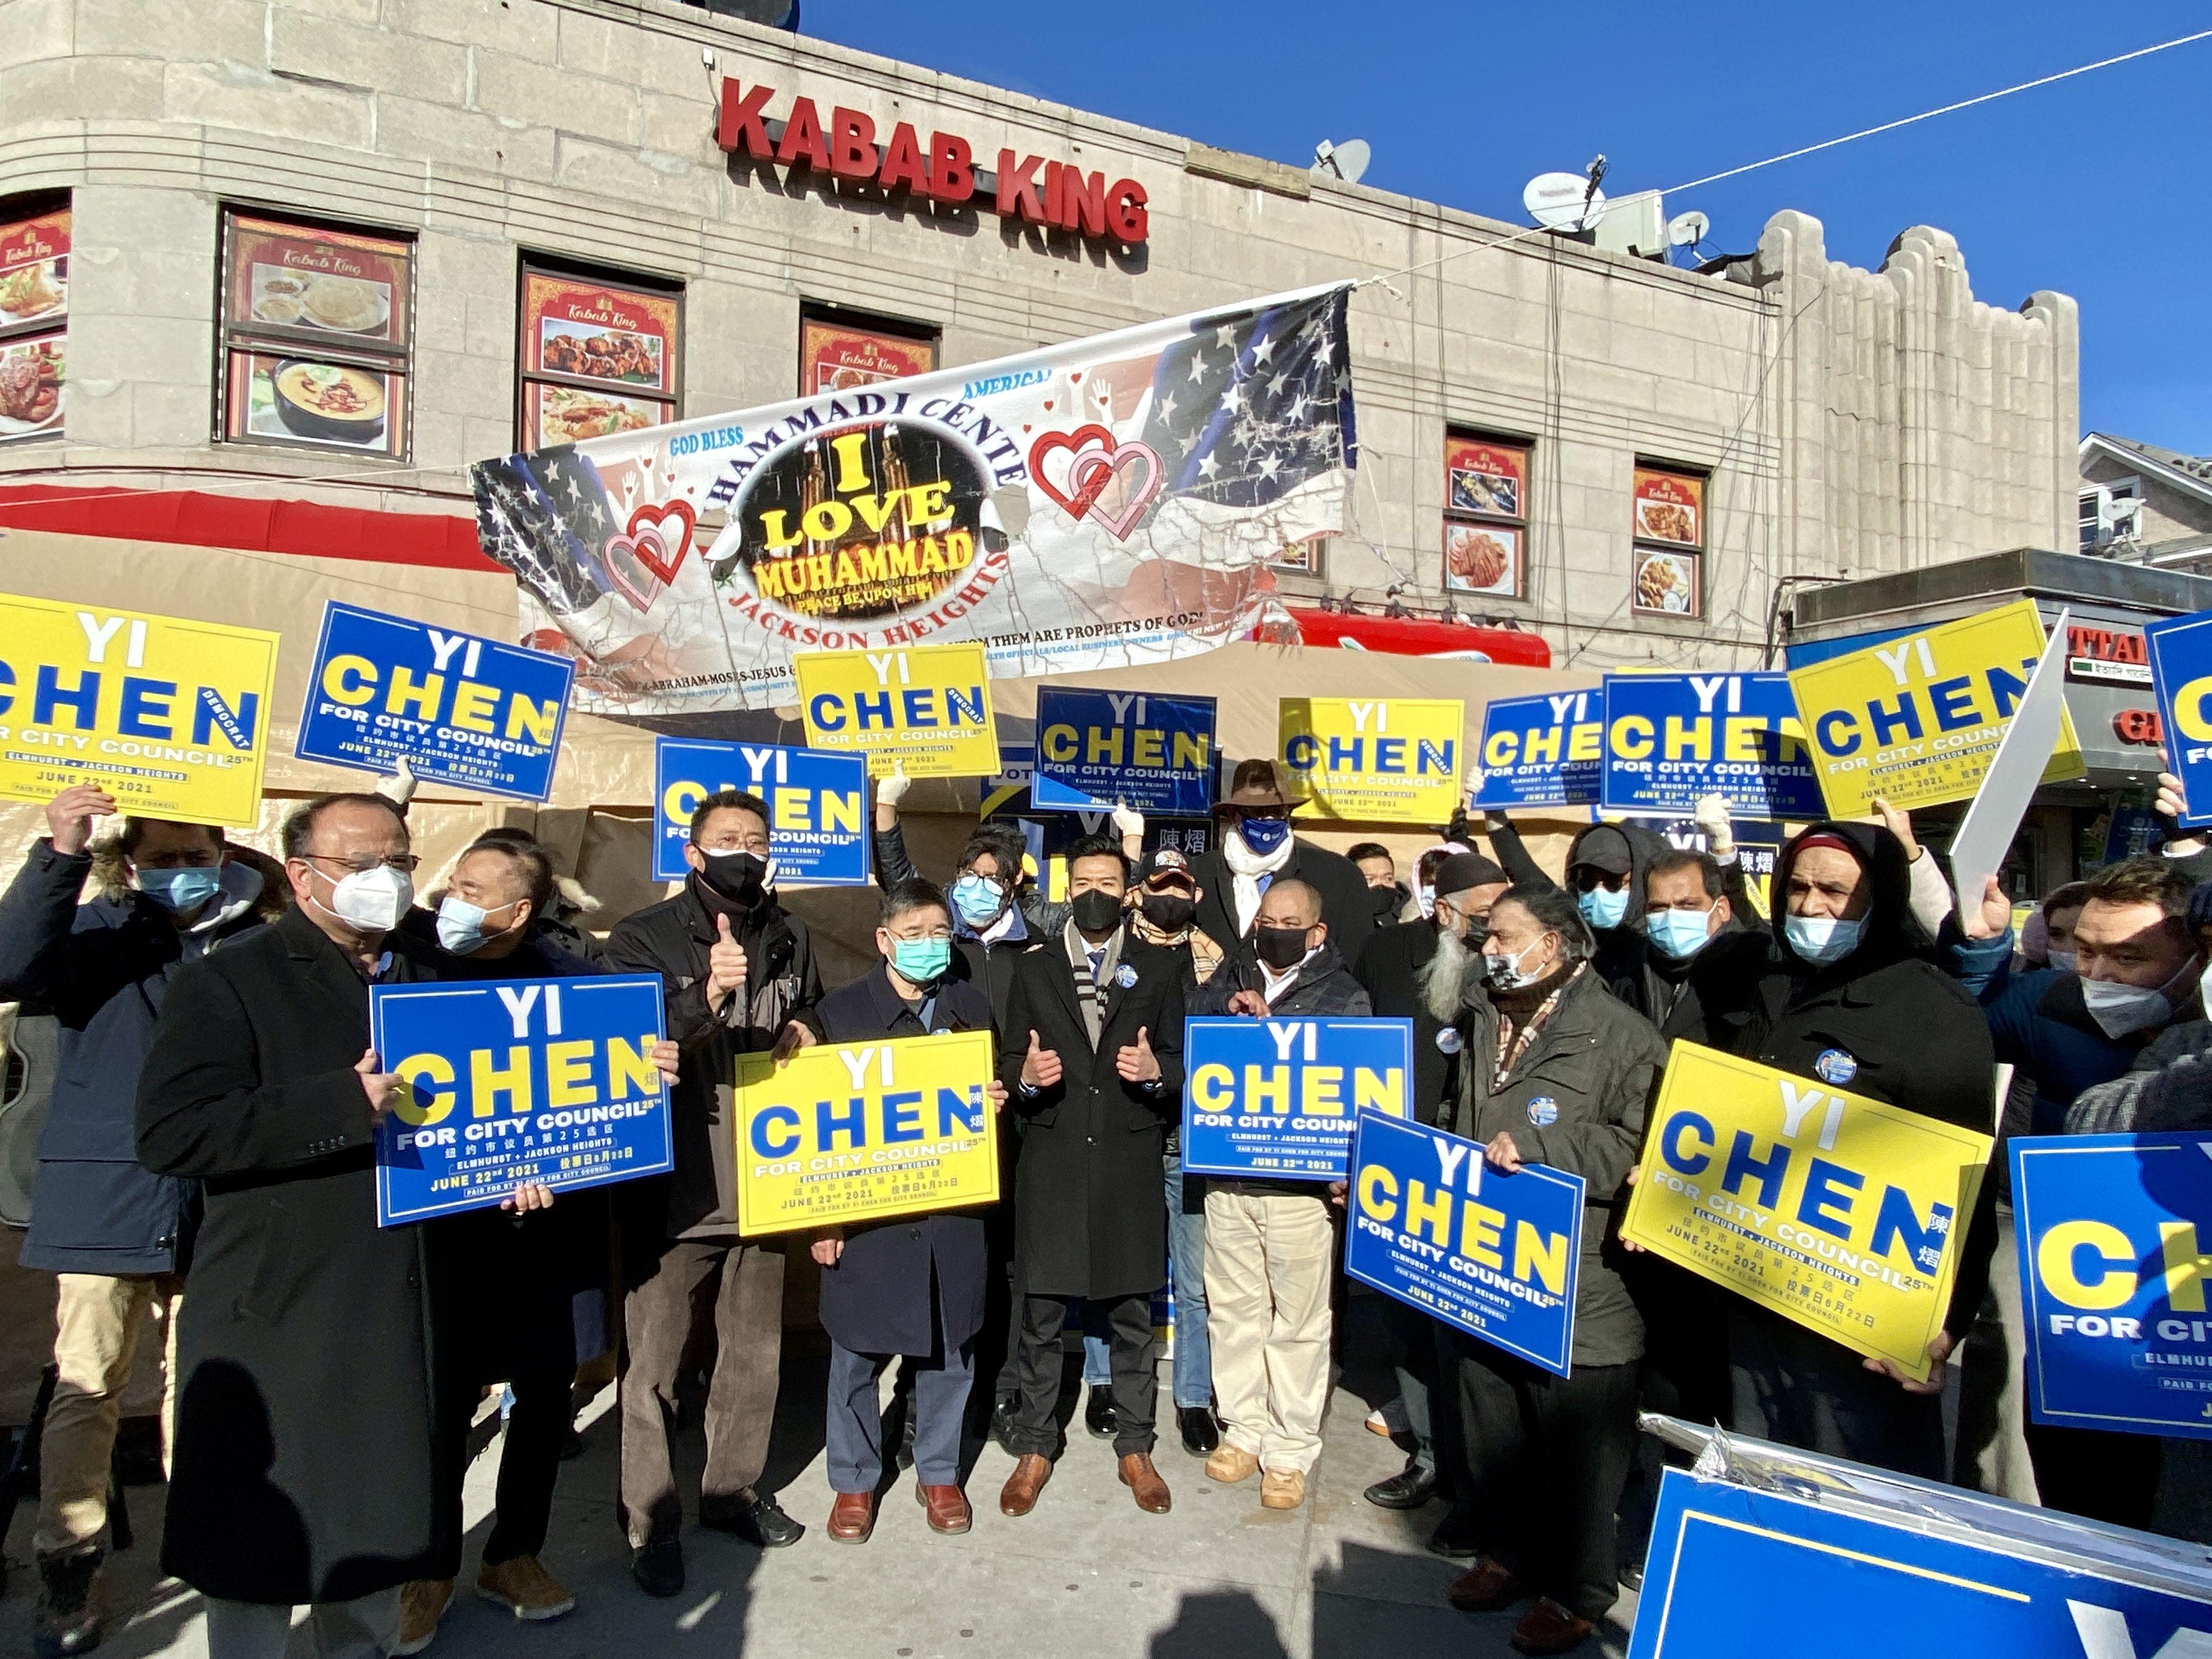 州眾議員奧博瑞、市議員顧雅明以及多個族裔的社區人士到場支持陳熠參。